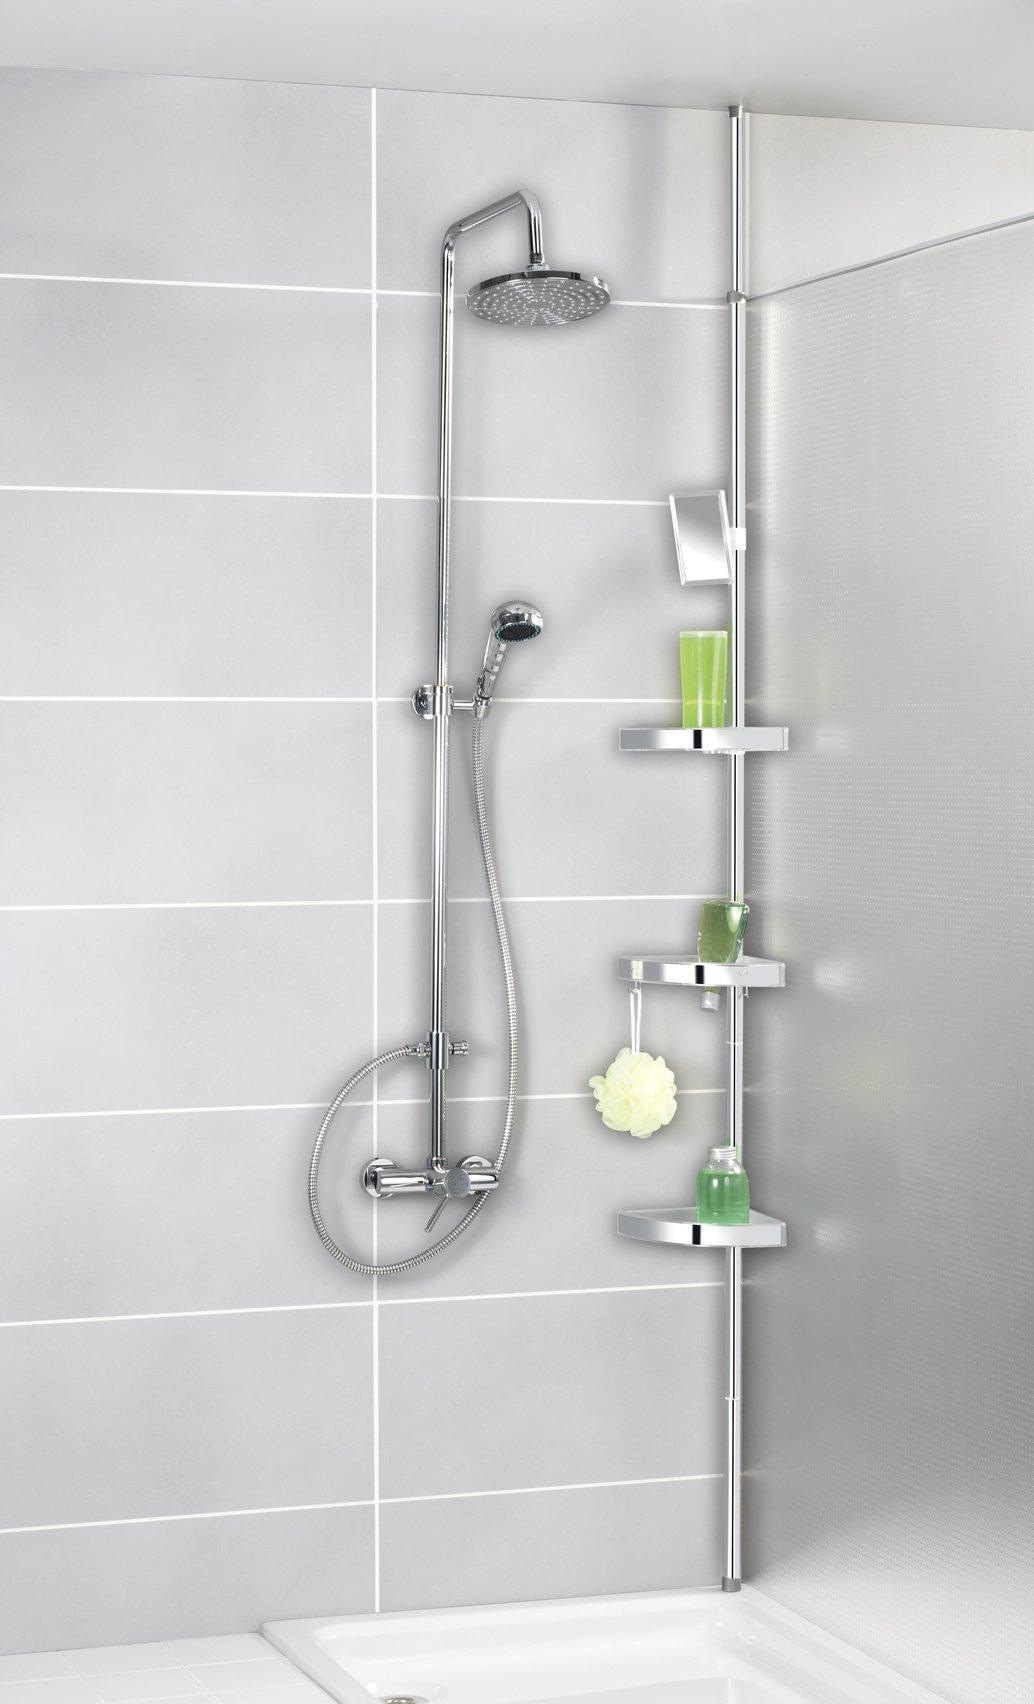 mensole angolari per la doccia.